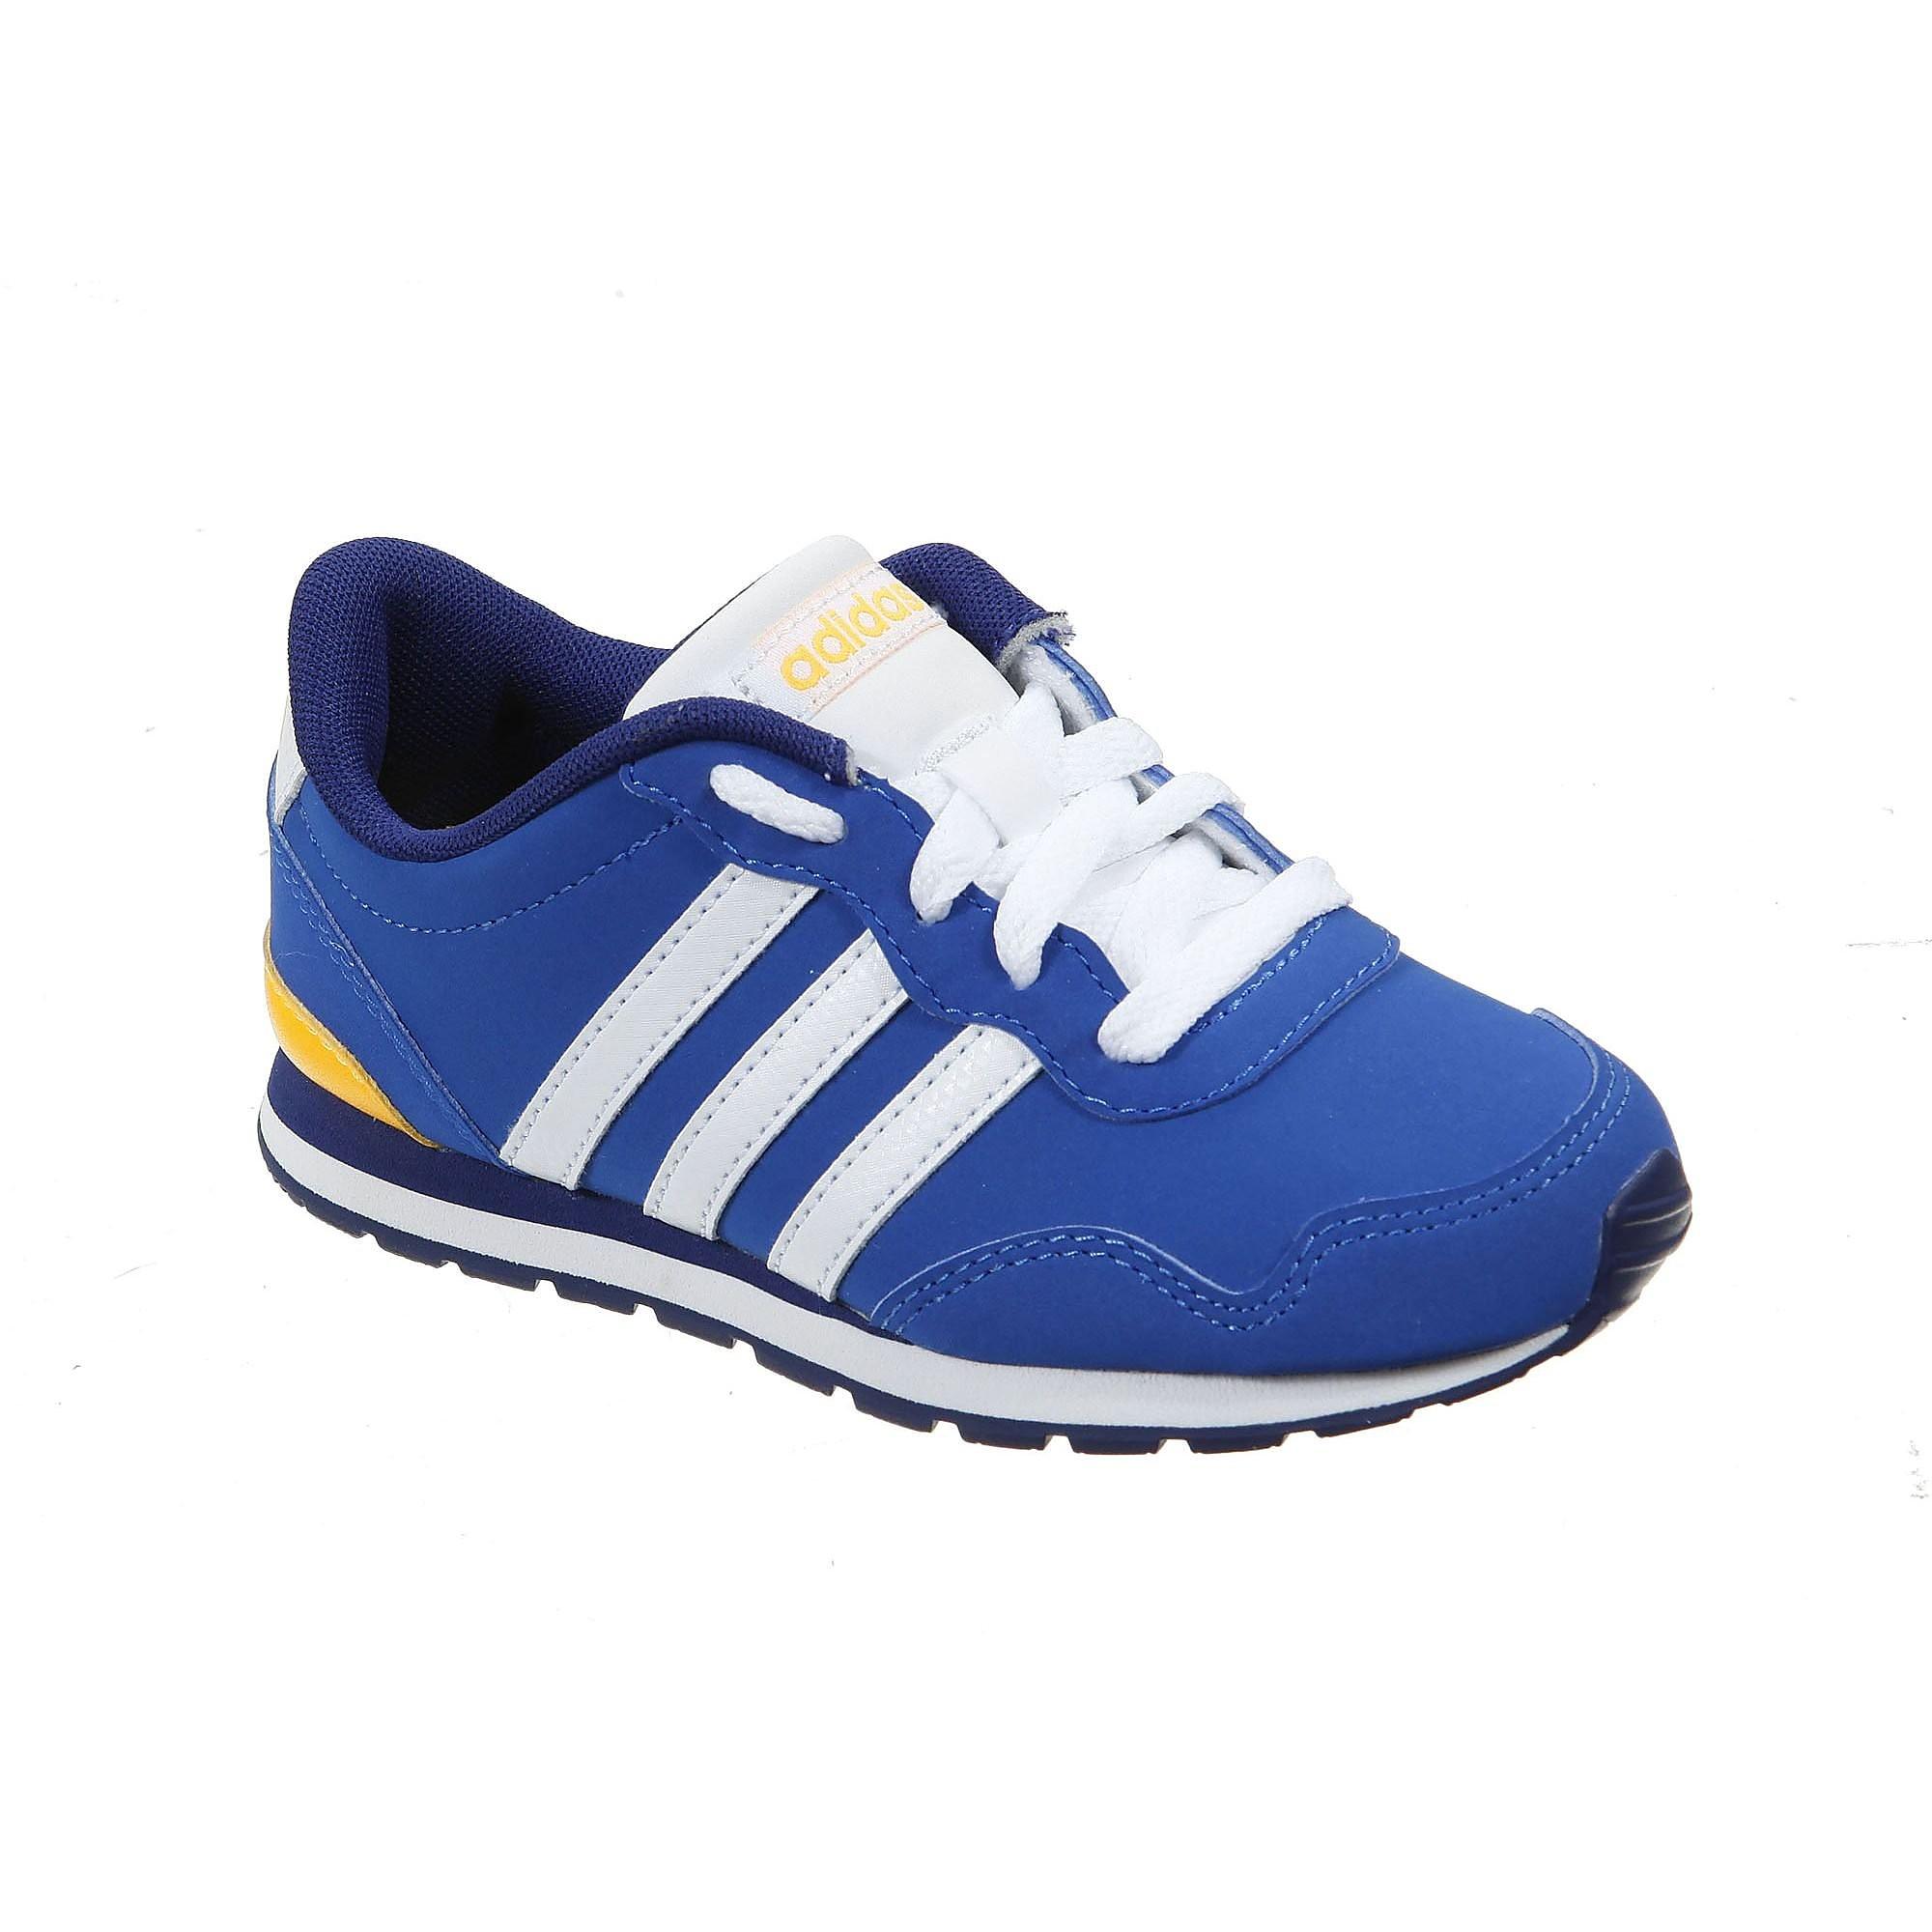 sneakers adidas Adidas v jog k aw4835